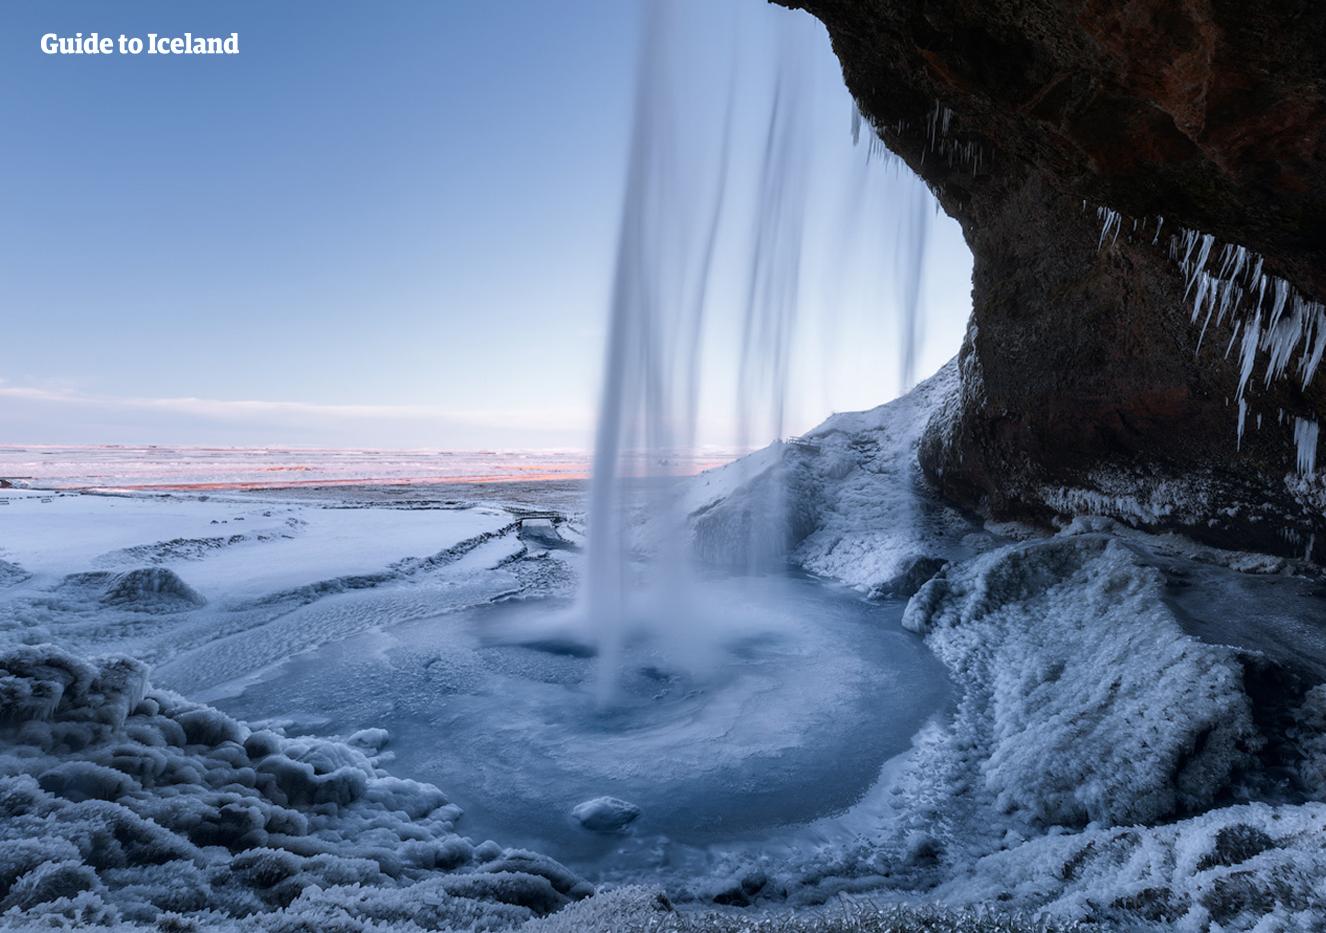 Profitez de la vue derrière les chutes de Seljalandsfoss sur la côte sud.